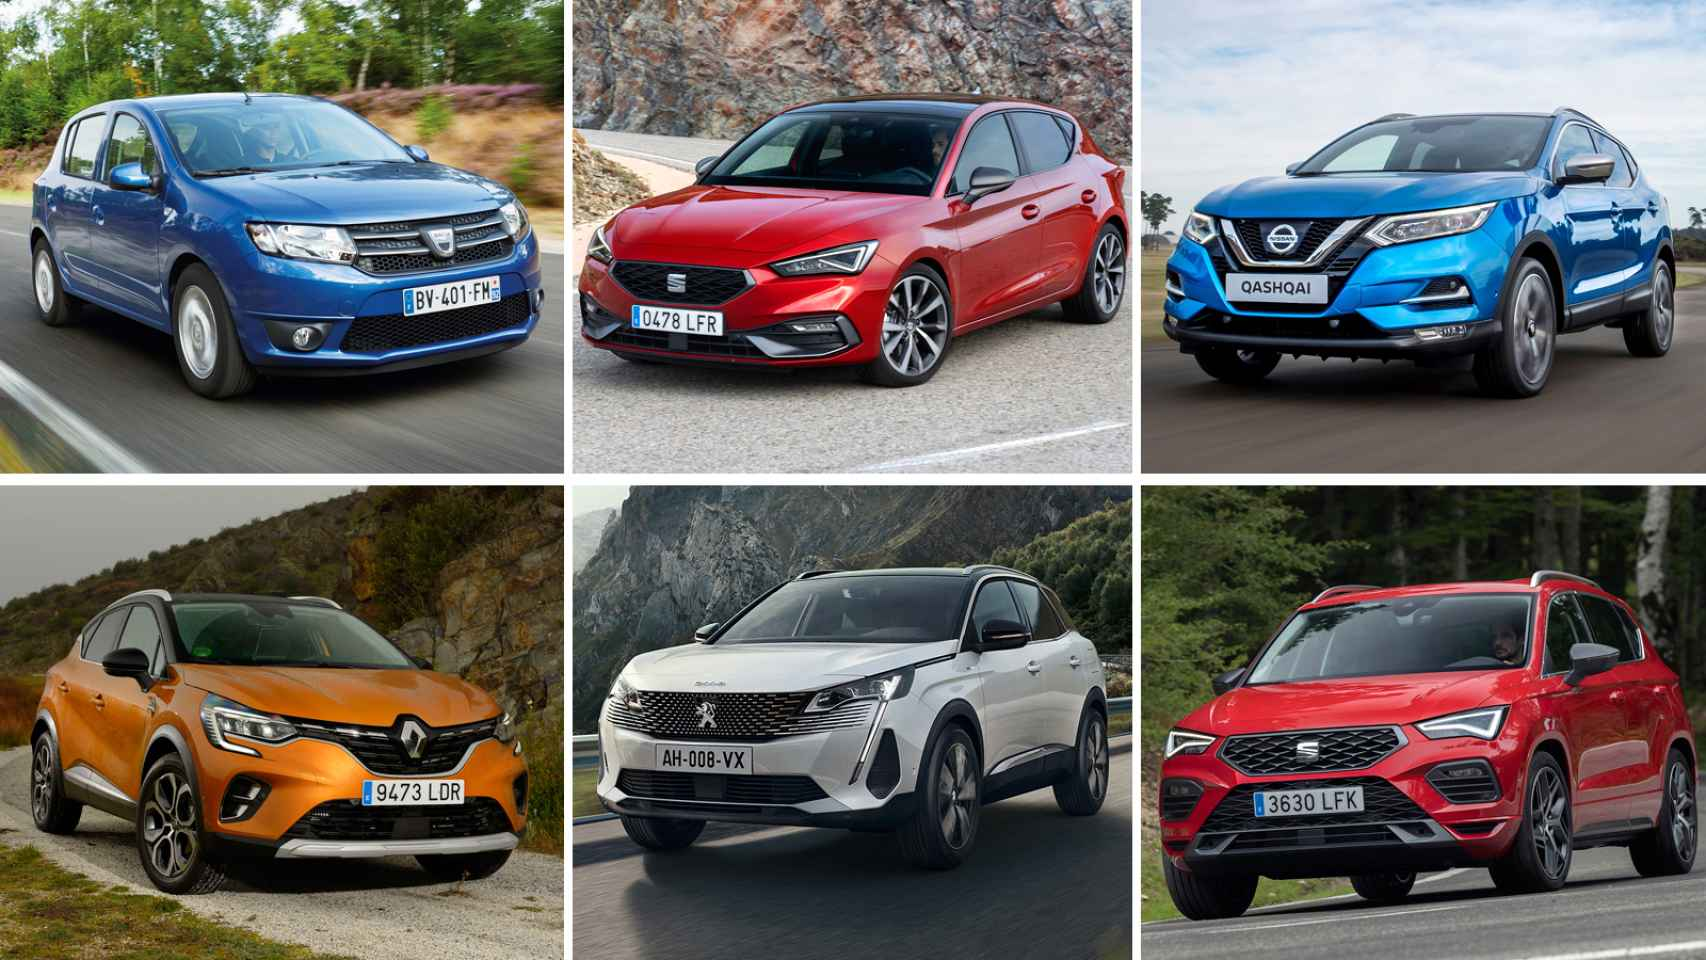 Estos son los coches preferidos por los europeos; hay españoles entre los más vendidos